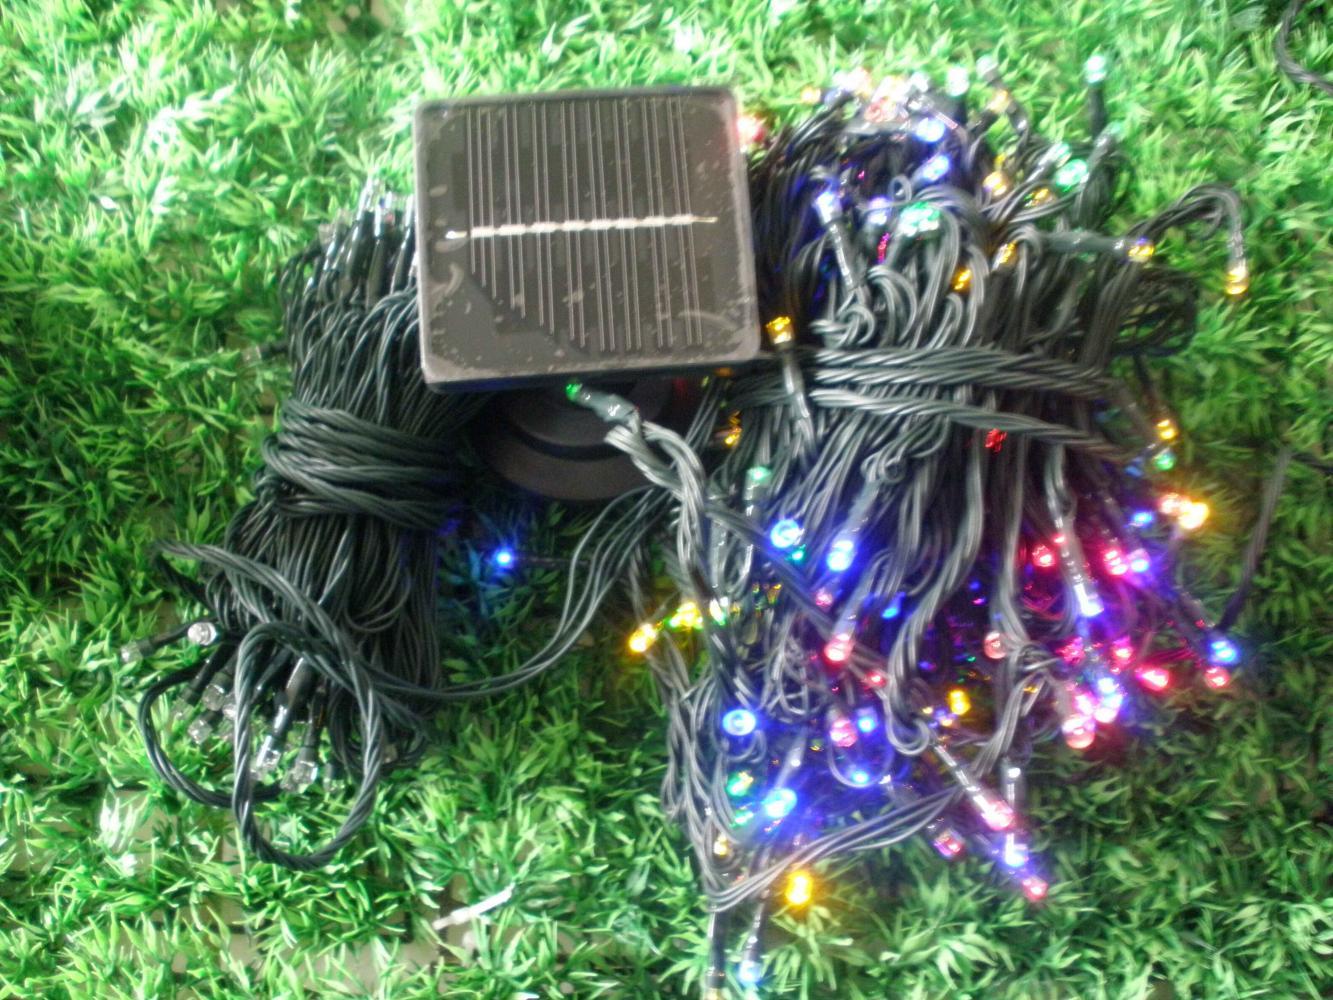 Solarshop iluminacion y decoracion solar for Luces de navidad solares para exterior